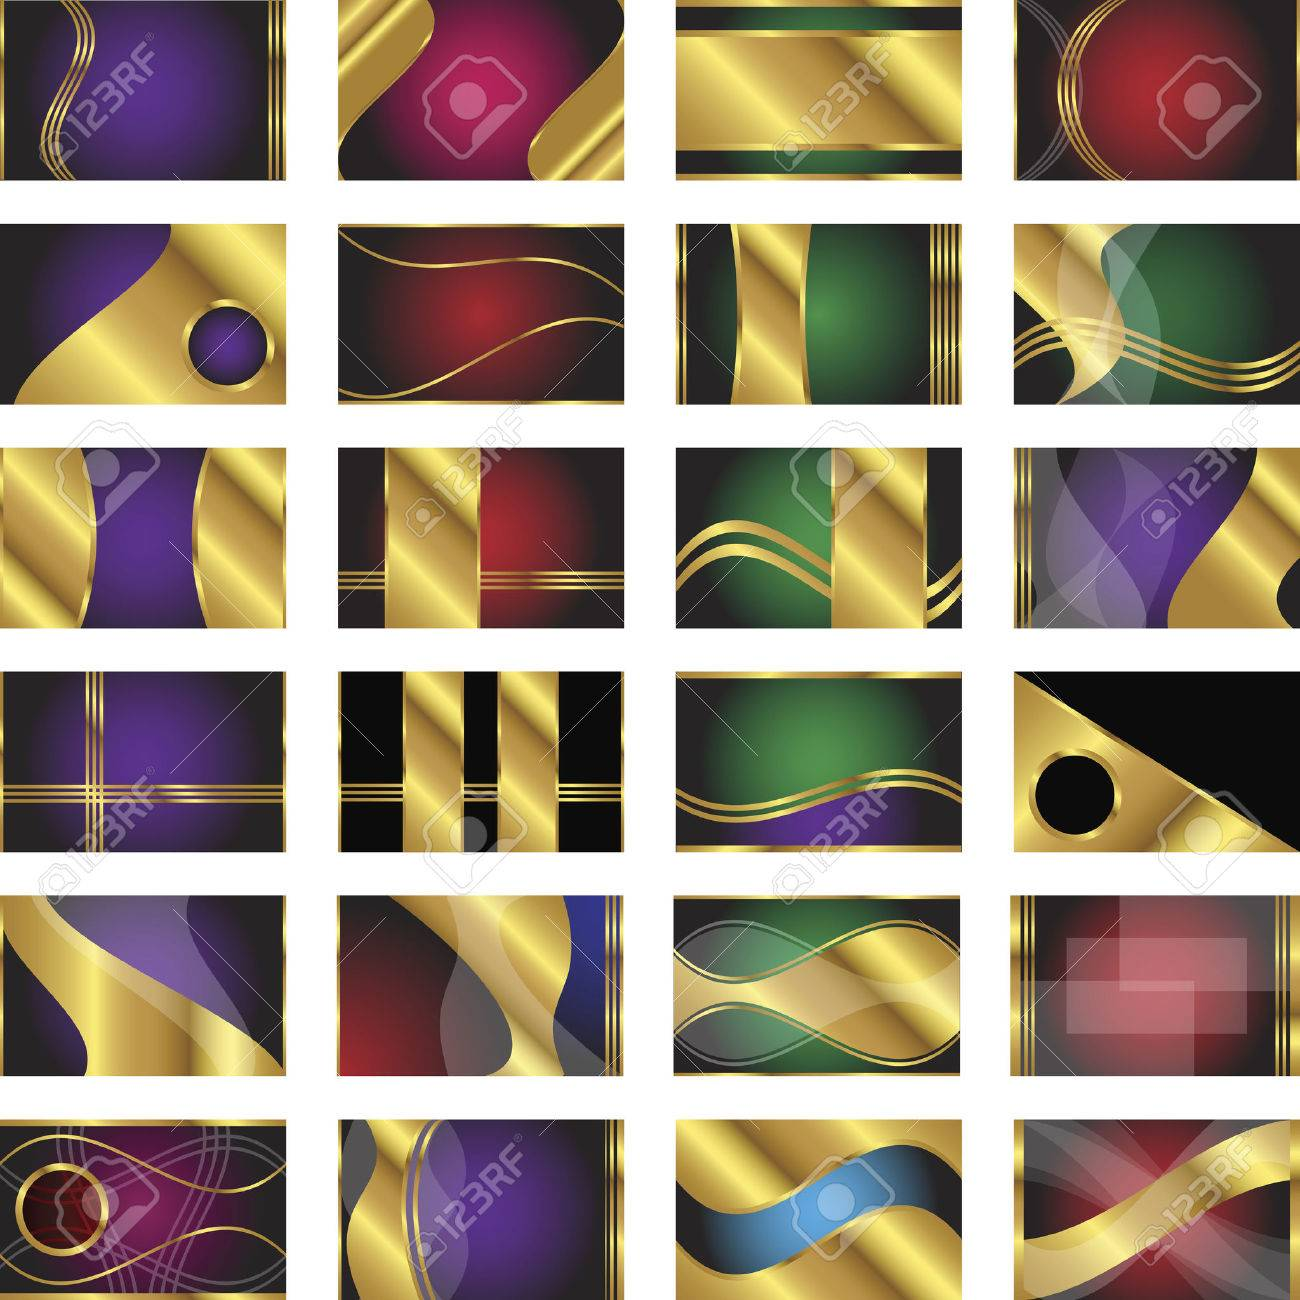 Une Collection De 24 Modeles Carte Visite Dans La Taille